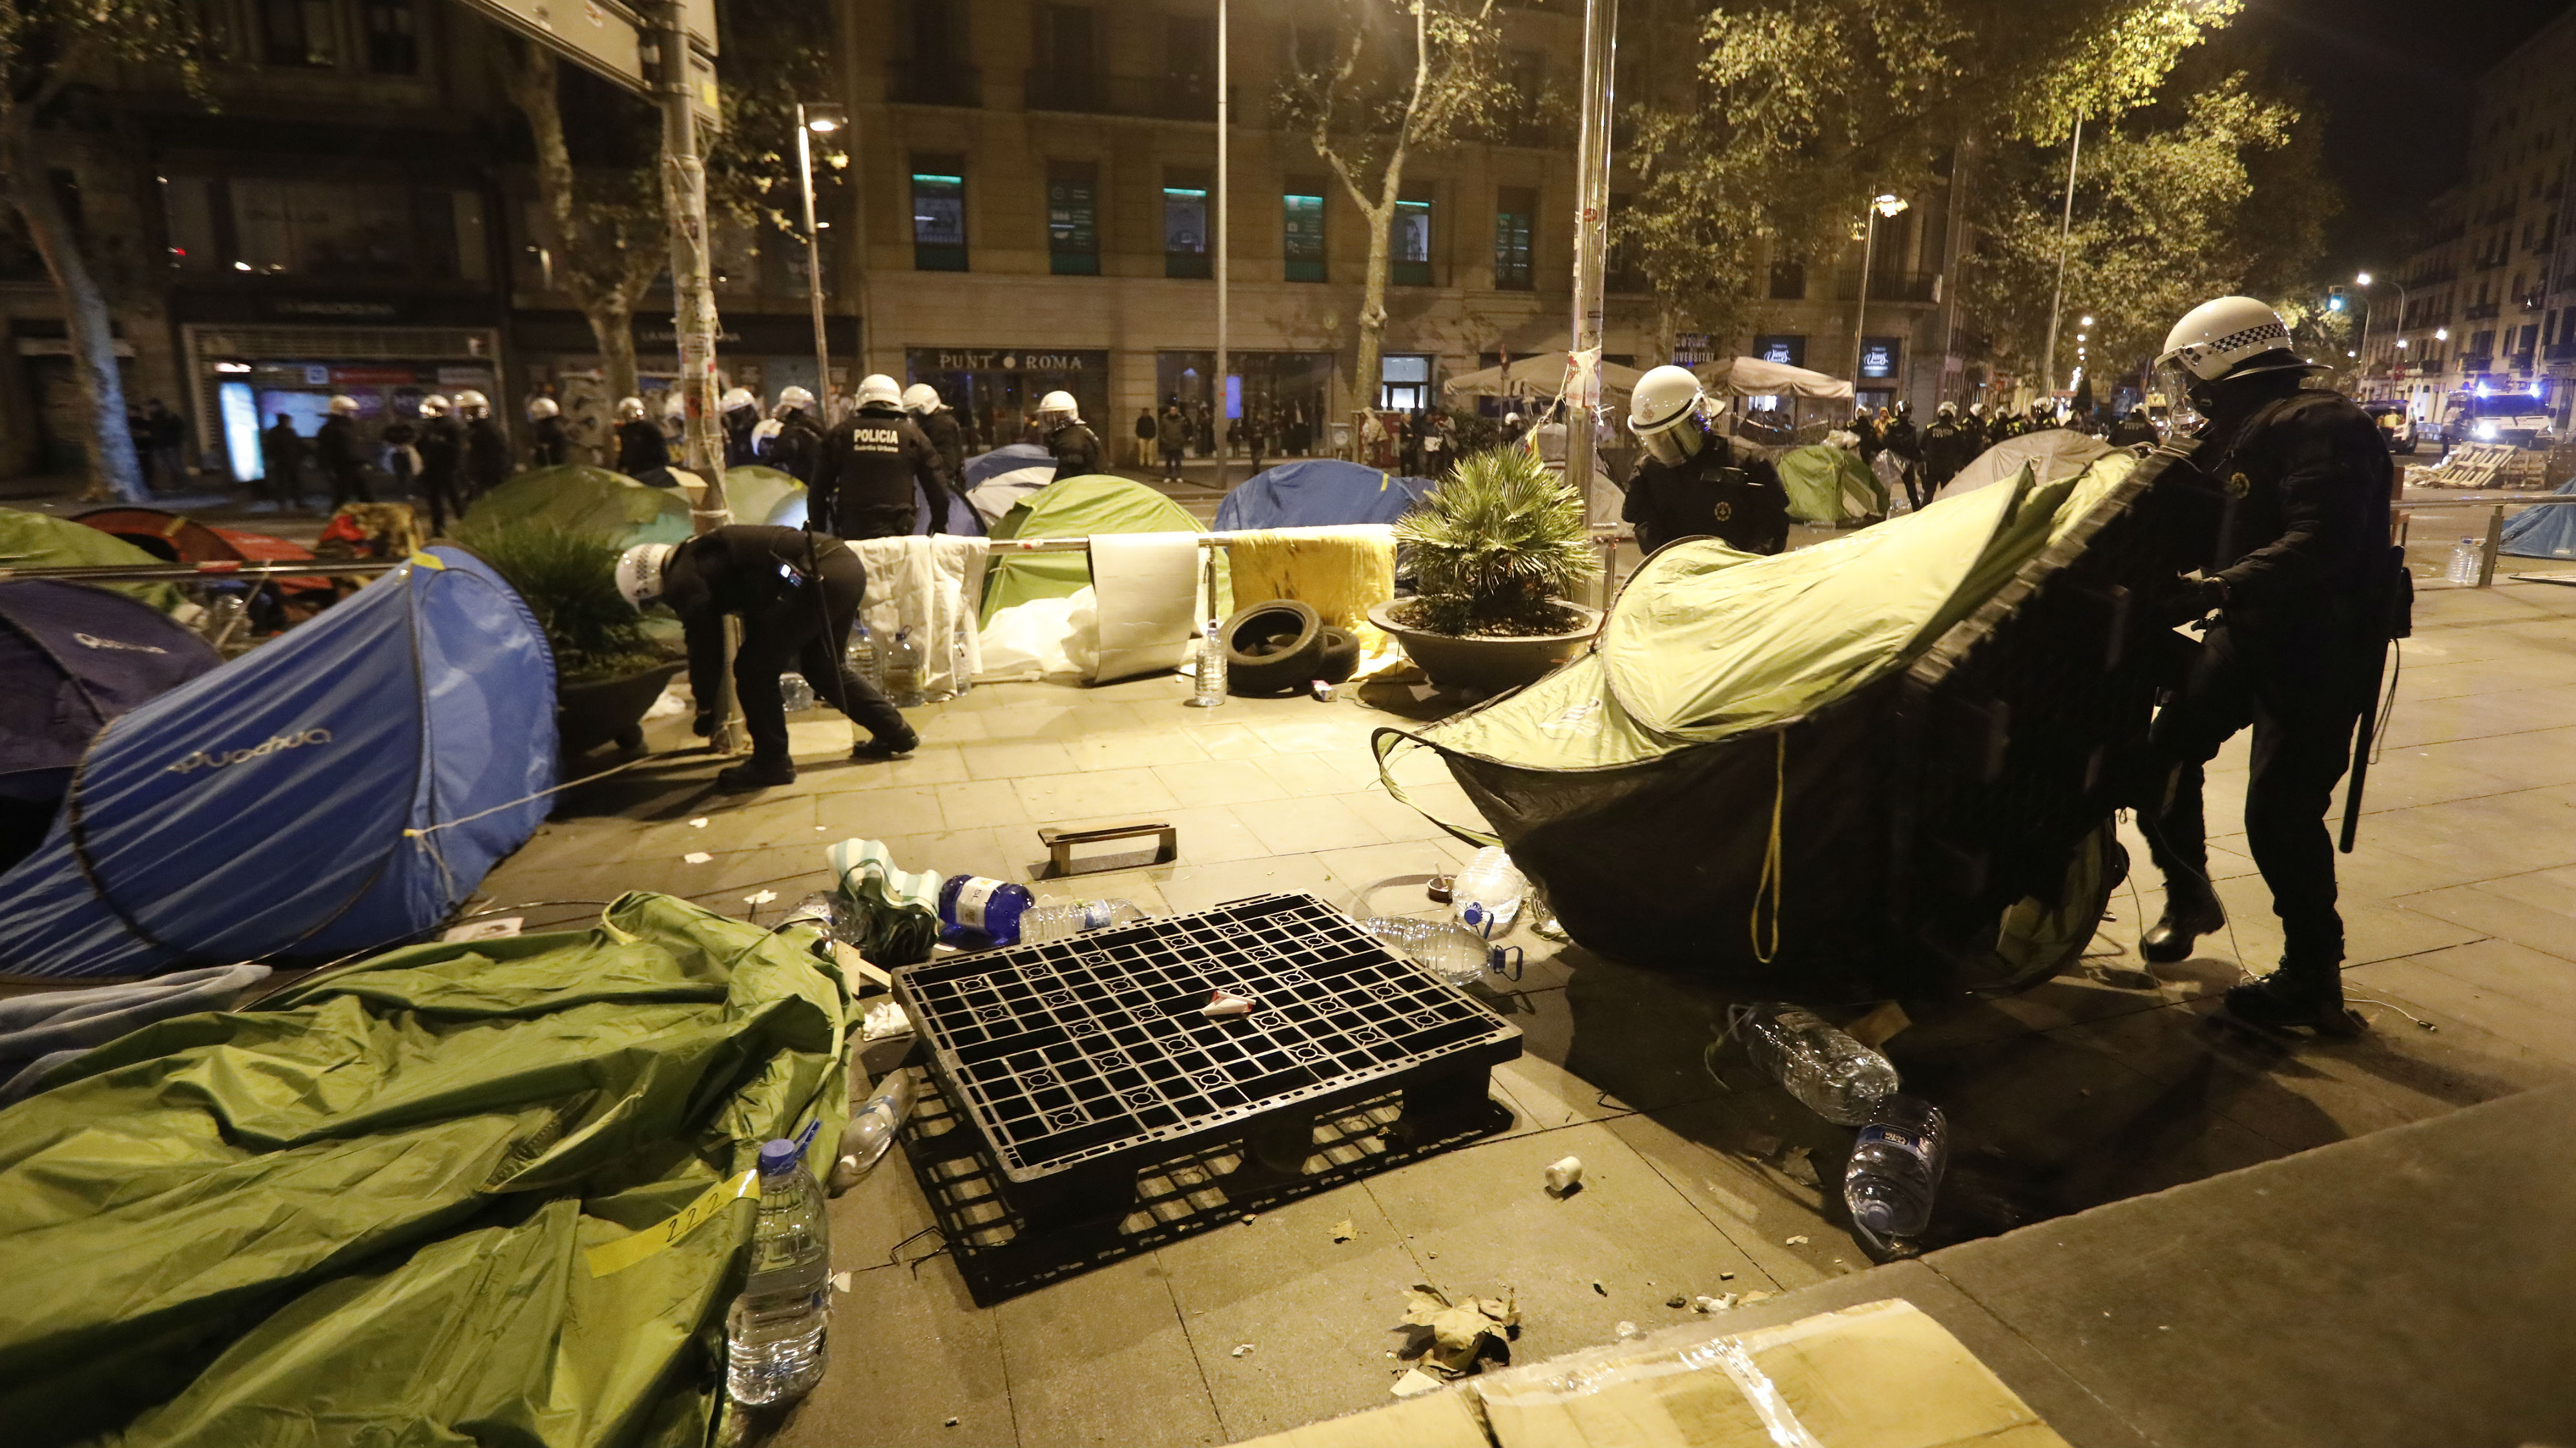 la-barcelona gub-comena-el-desallotjament-de-acampada-plaa-universitat-de-barcelona-via-elperiodico